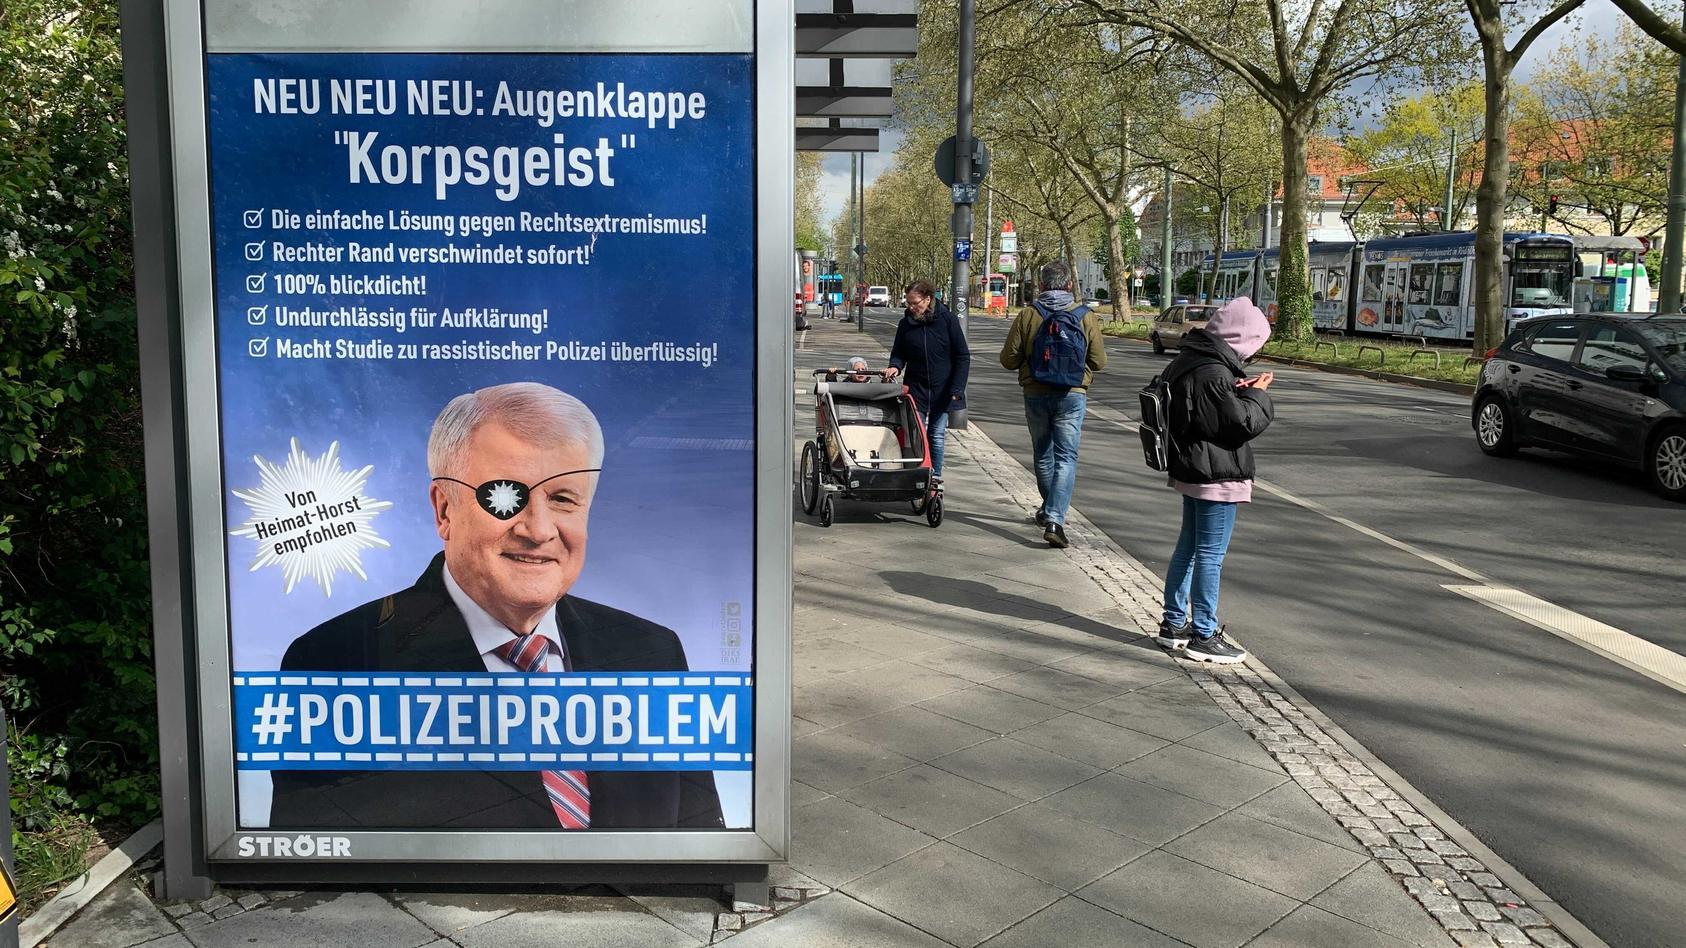 Plakate sehen aus wie Werbung, dabei kritisieren sie Polizeiverhalten.